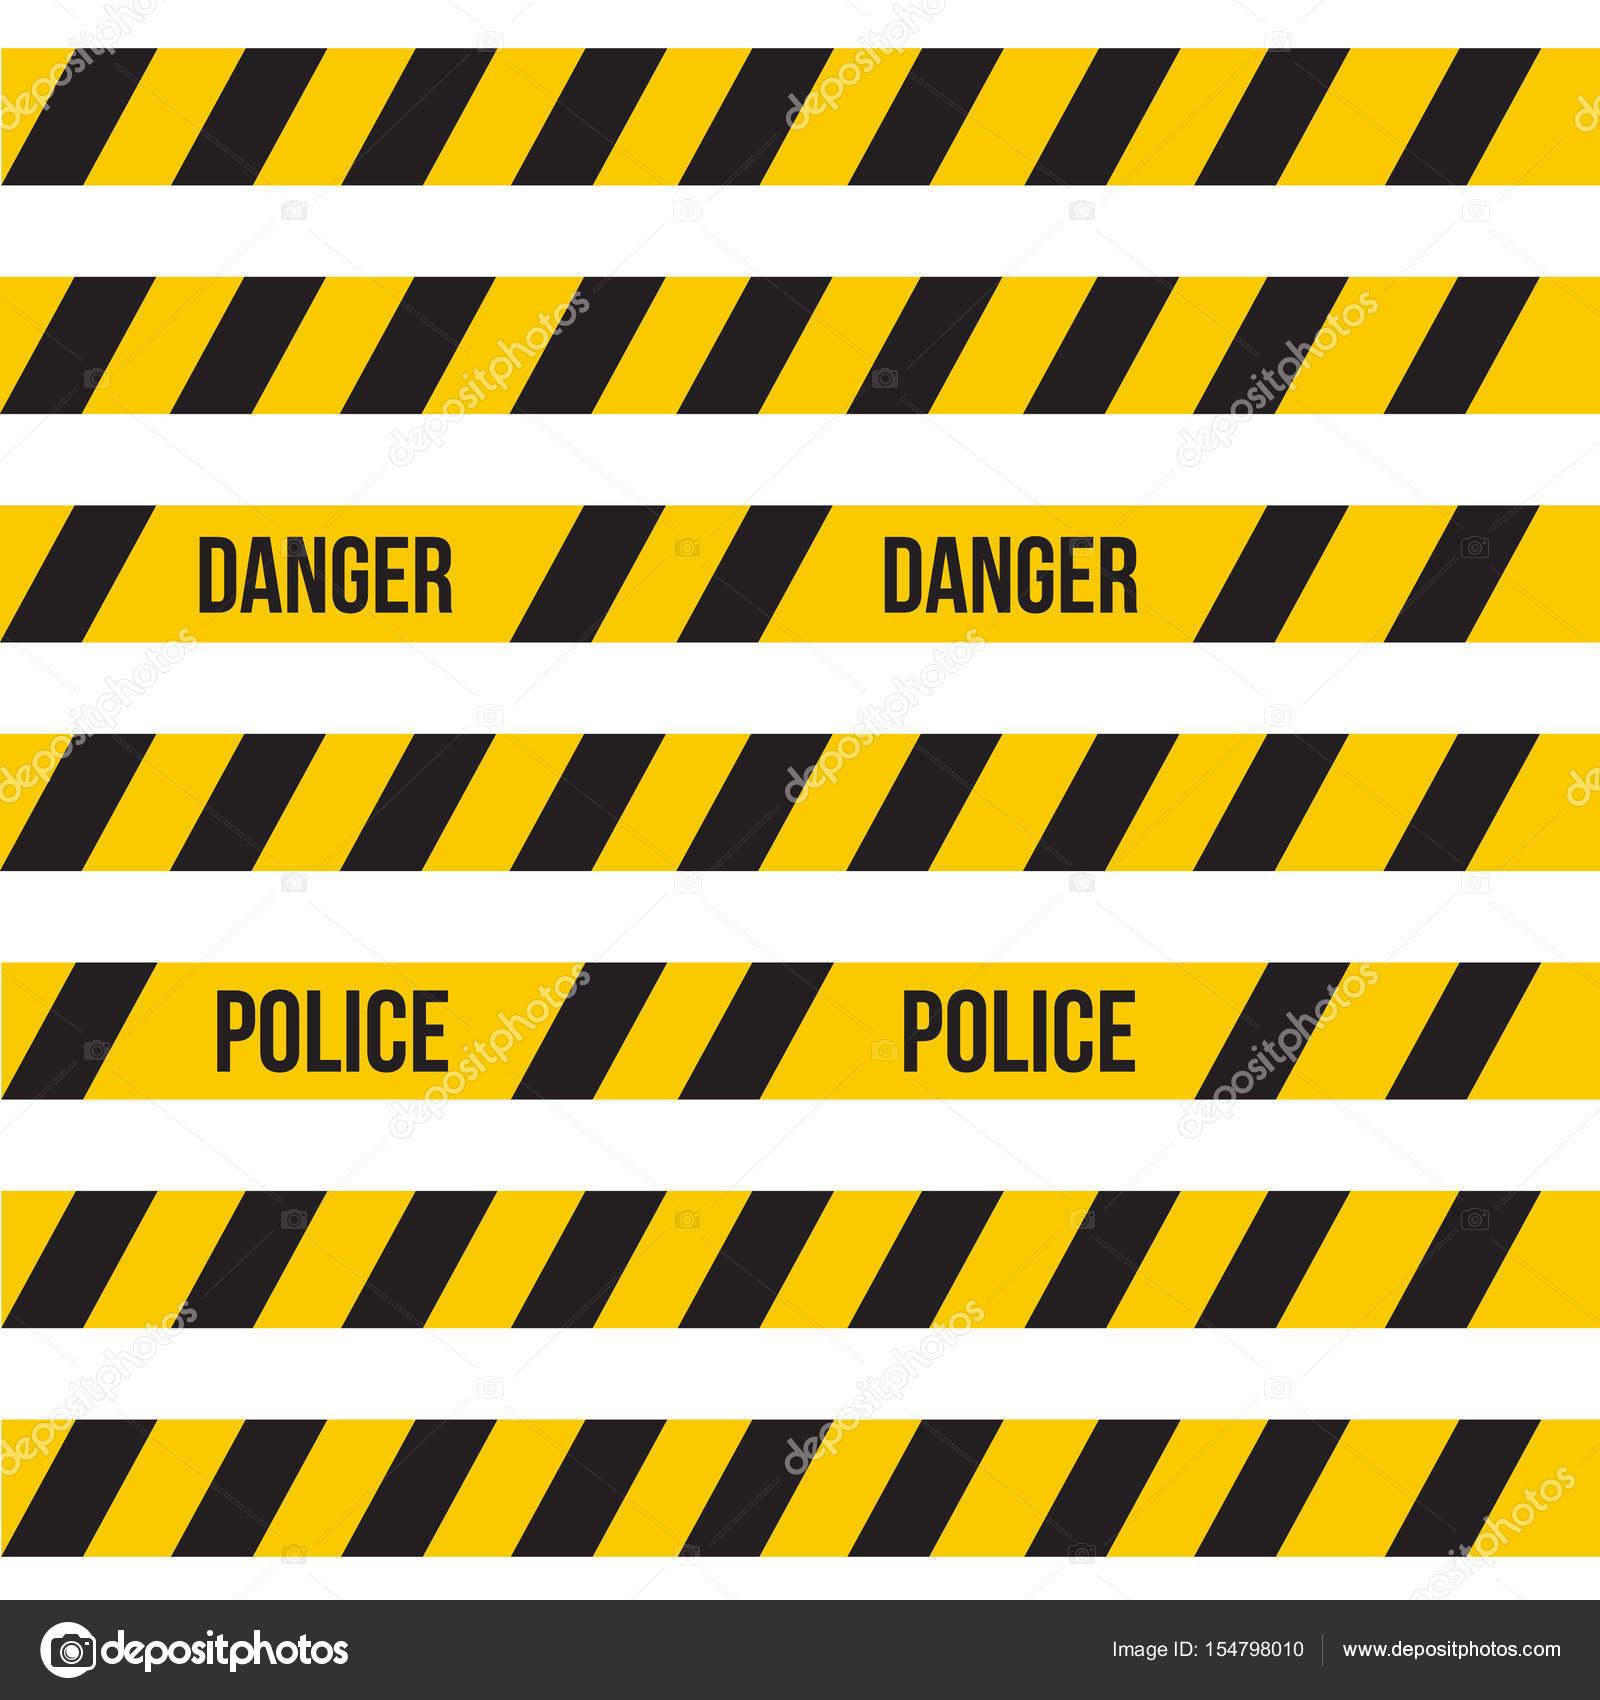 Favorit Vector gelb Kunststoff Absperrband oder Warnung Band eingestellt MG09